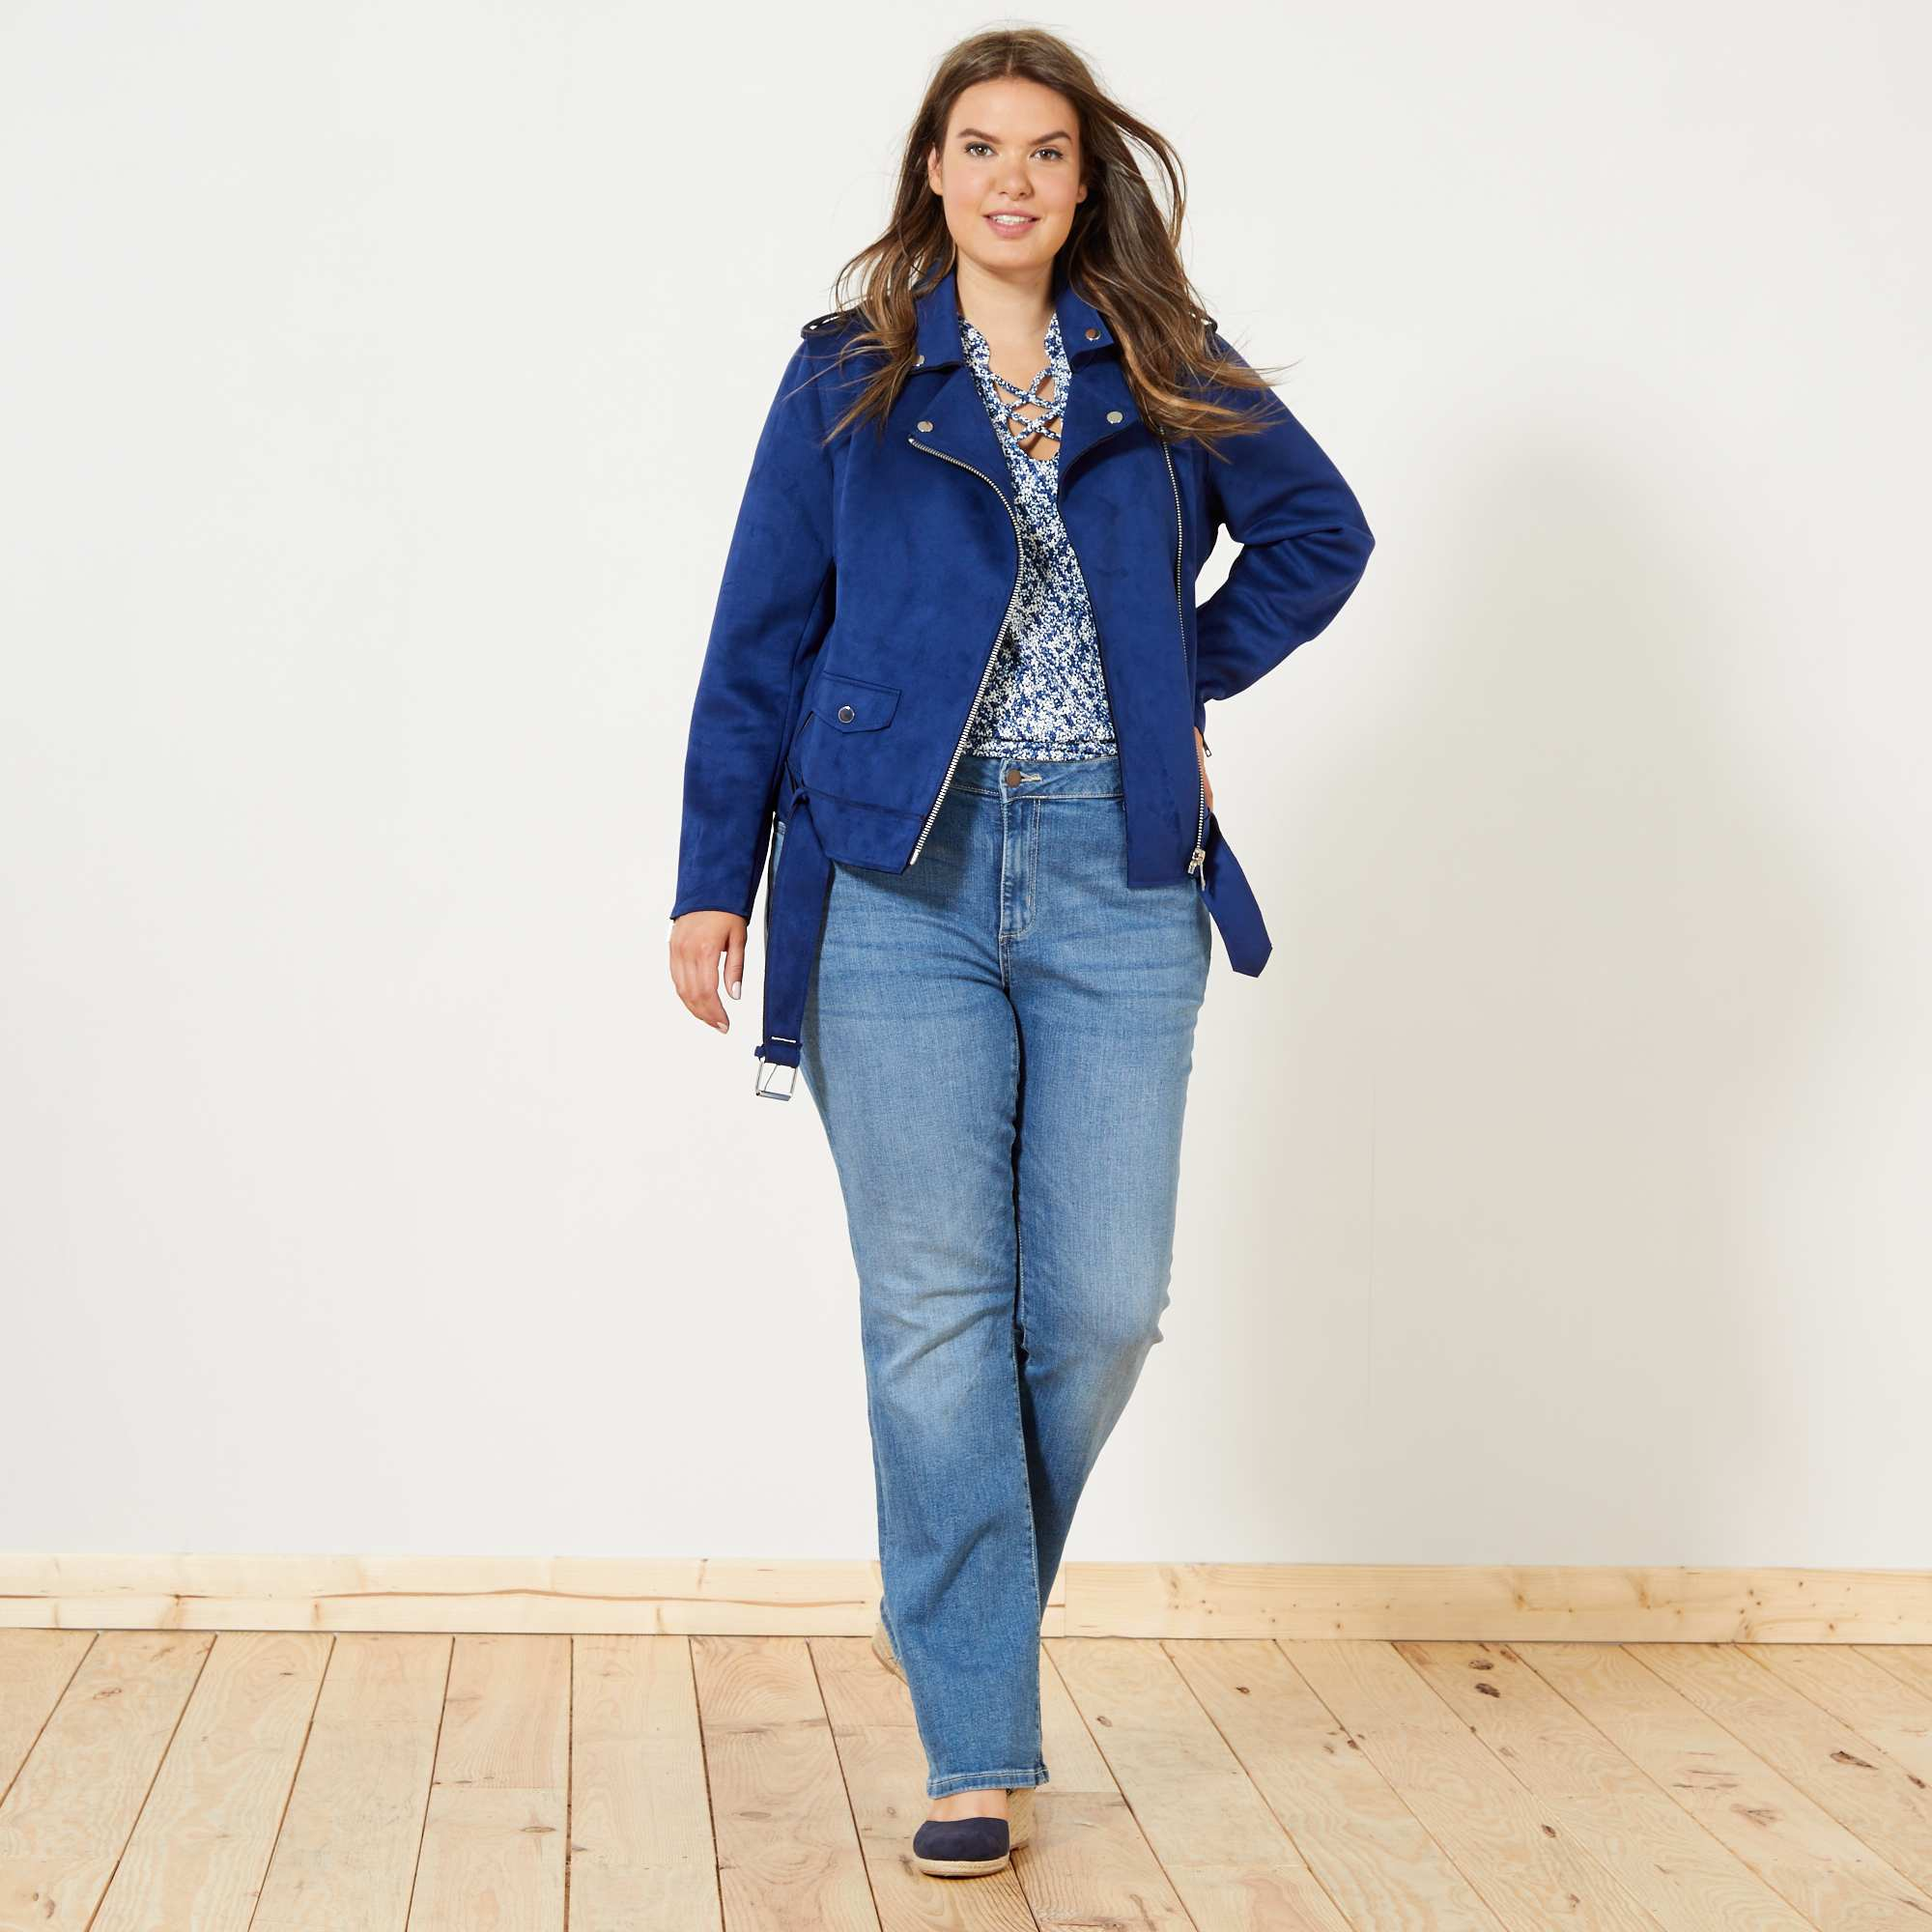 Couleur : kaki, jaune, bleu,, - Taille : 48, 56, 54,52,50On adore son association à des robes longues bohème pour un look tendance ! - Blouson